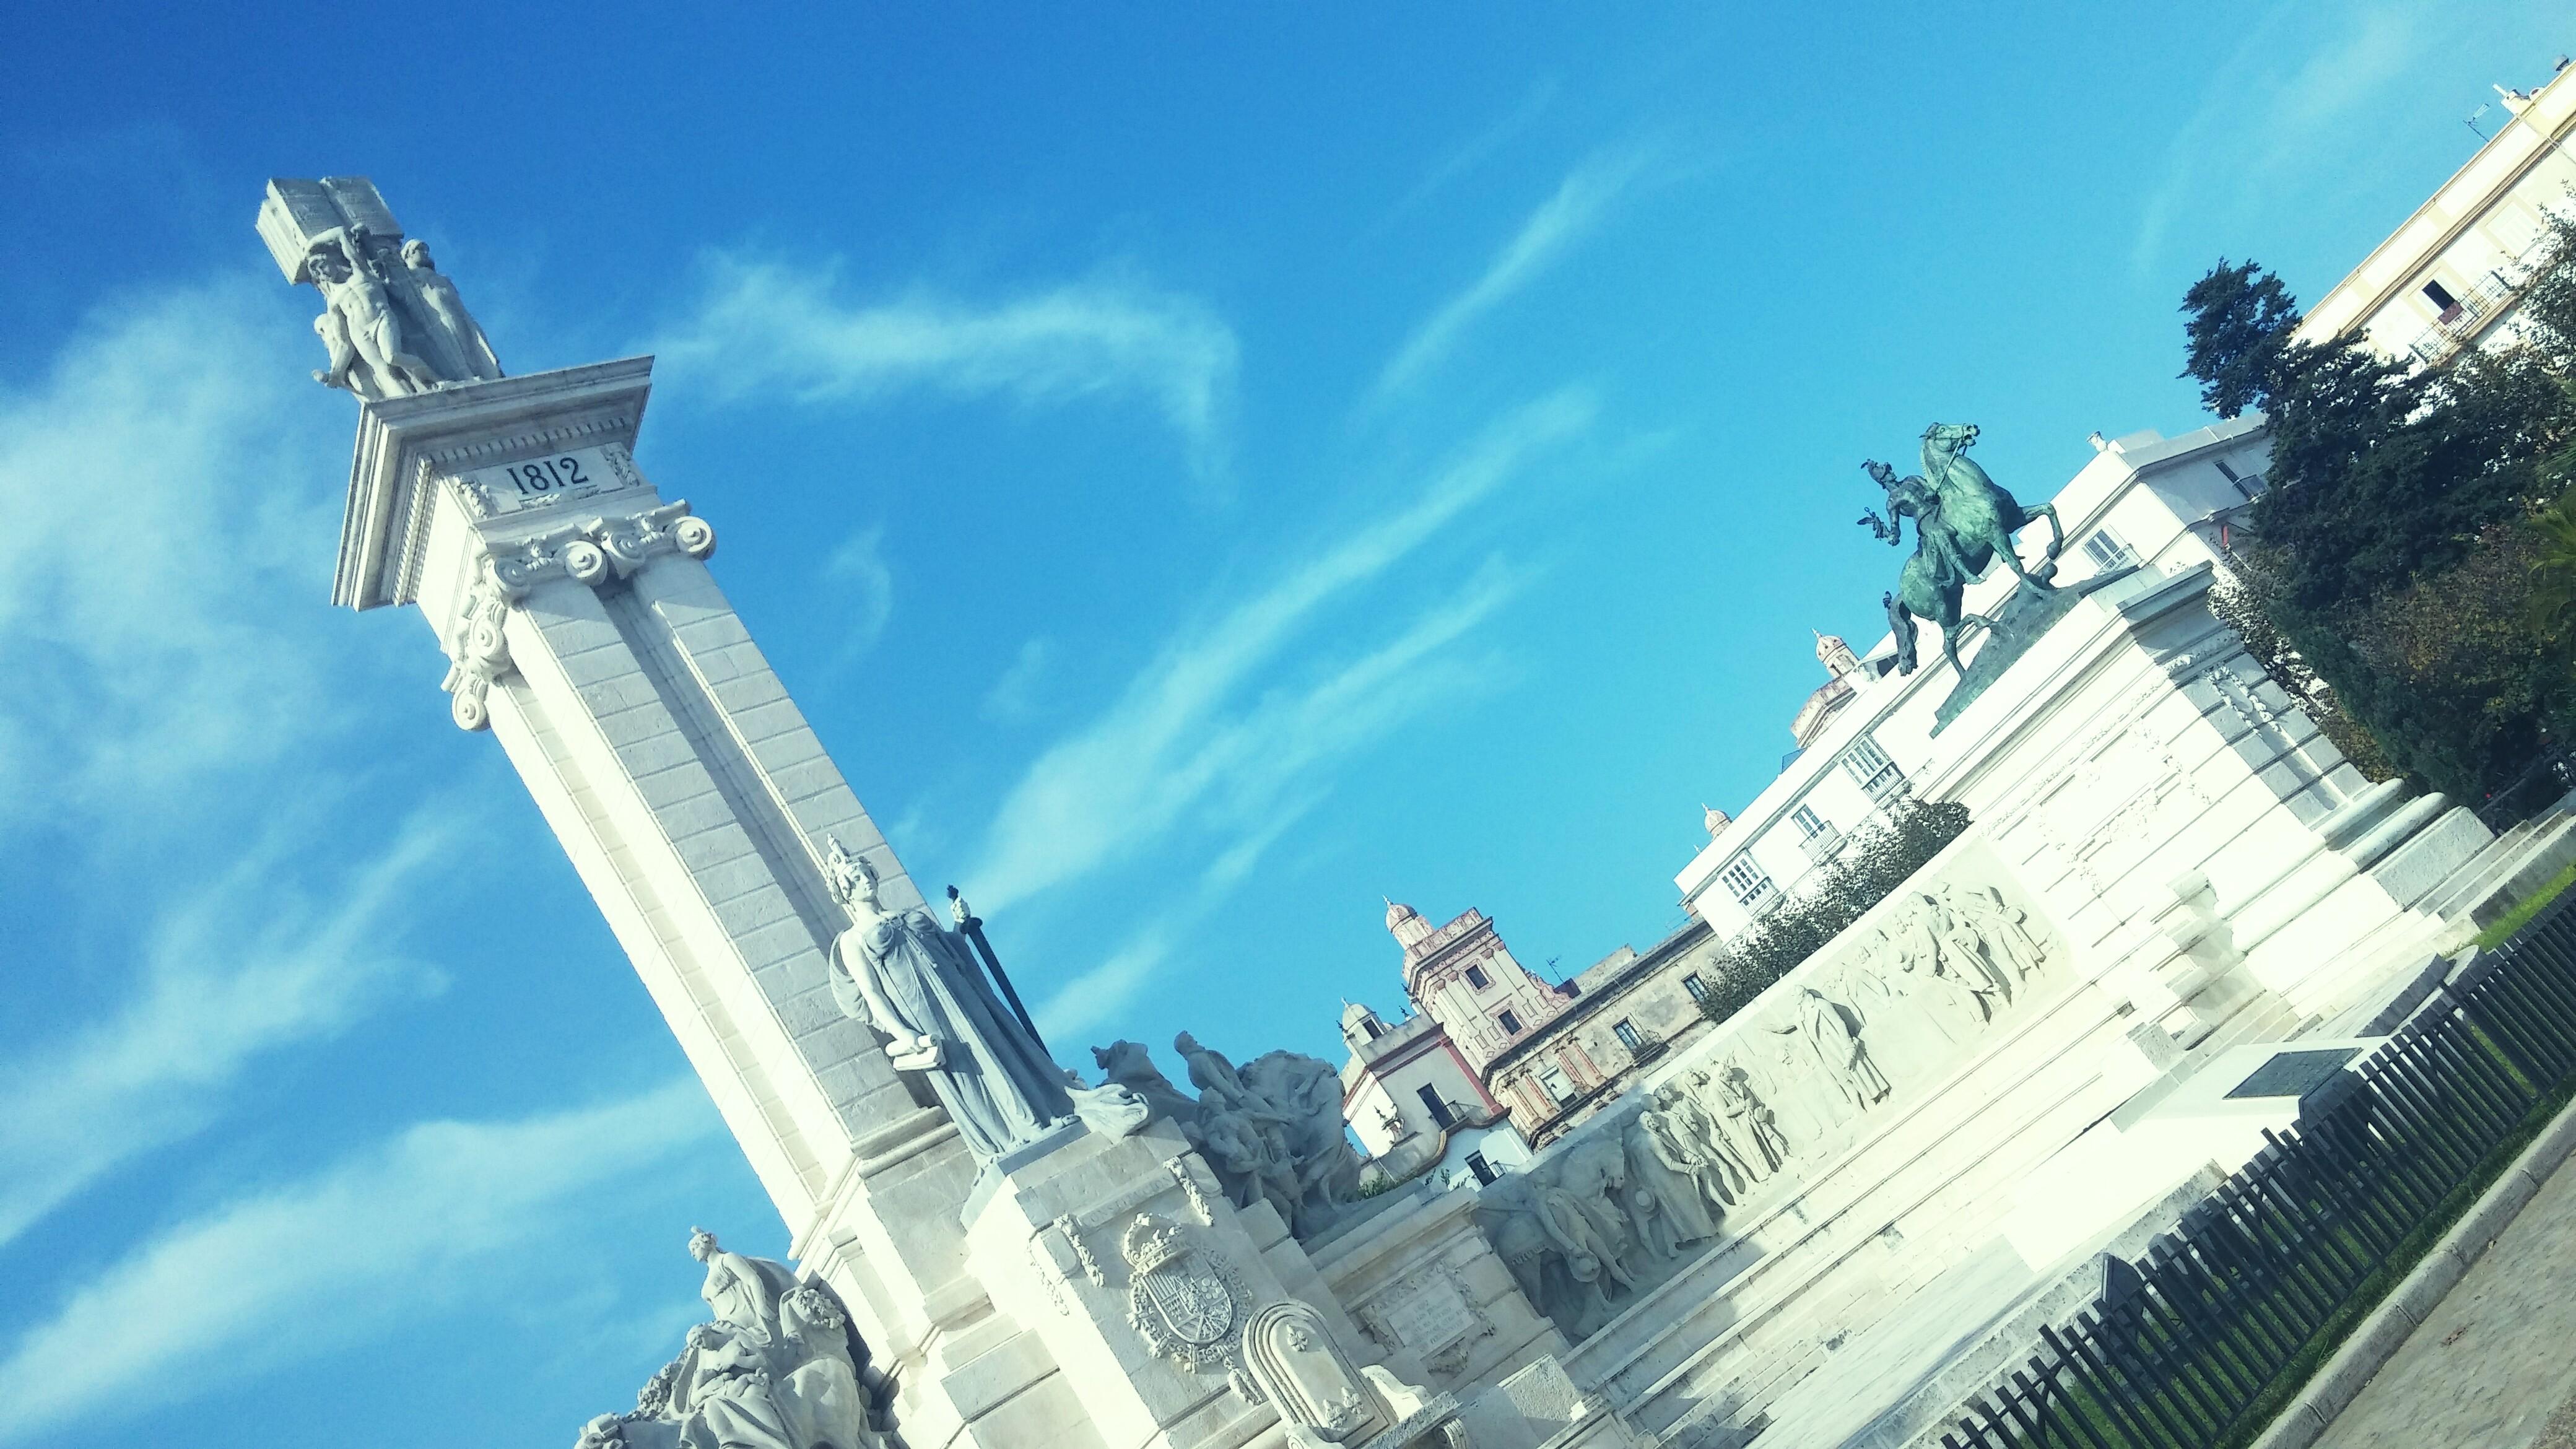 The Plaza de España in Cádiz